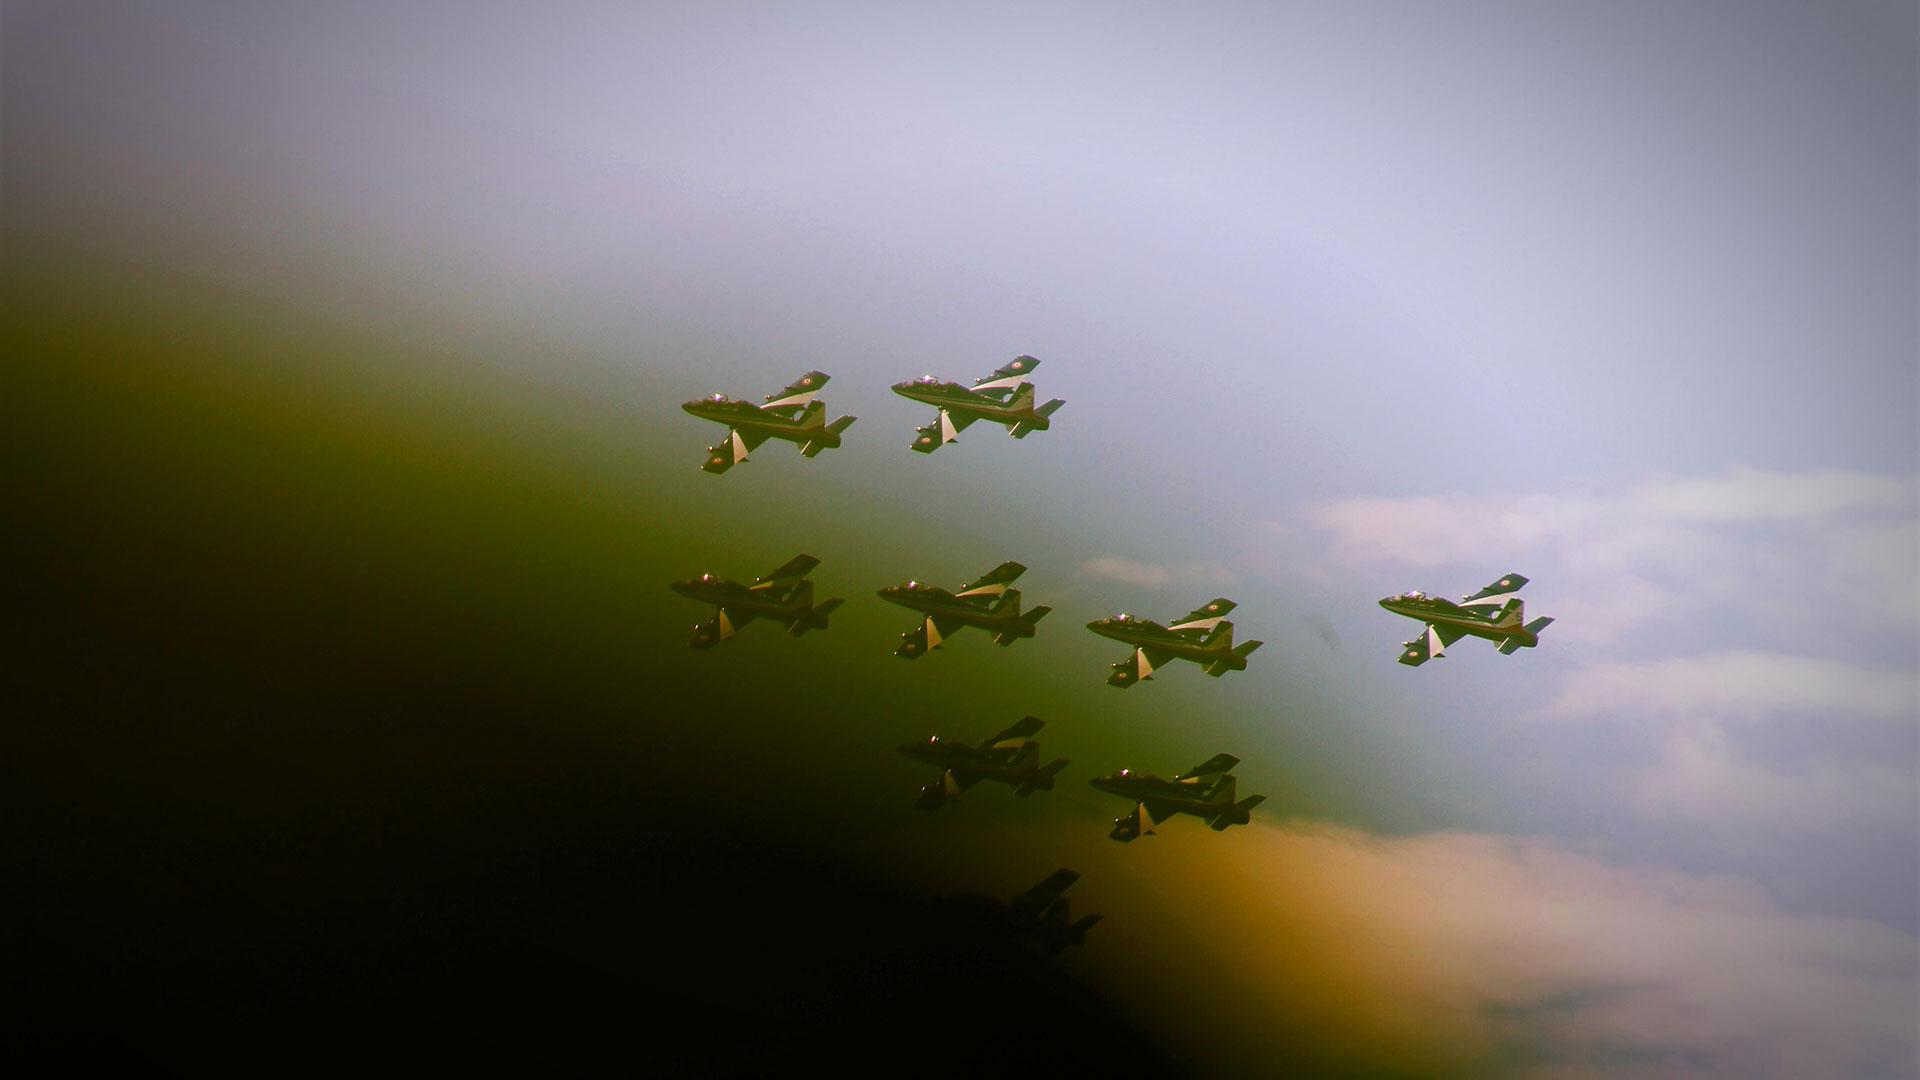 frecce-tricolori-60-anni-pan-pattuglia-acrobatica-nazionale-aeronautica-militare-(33)